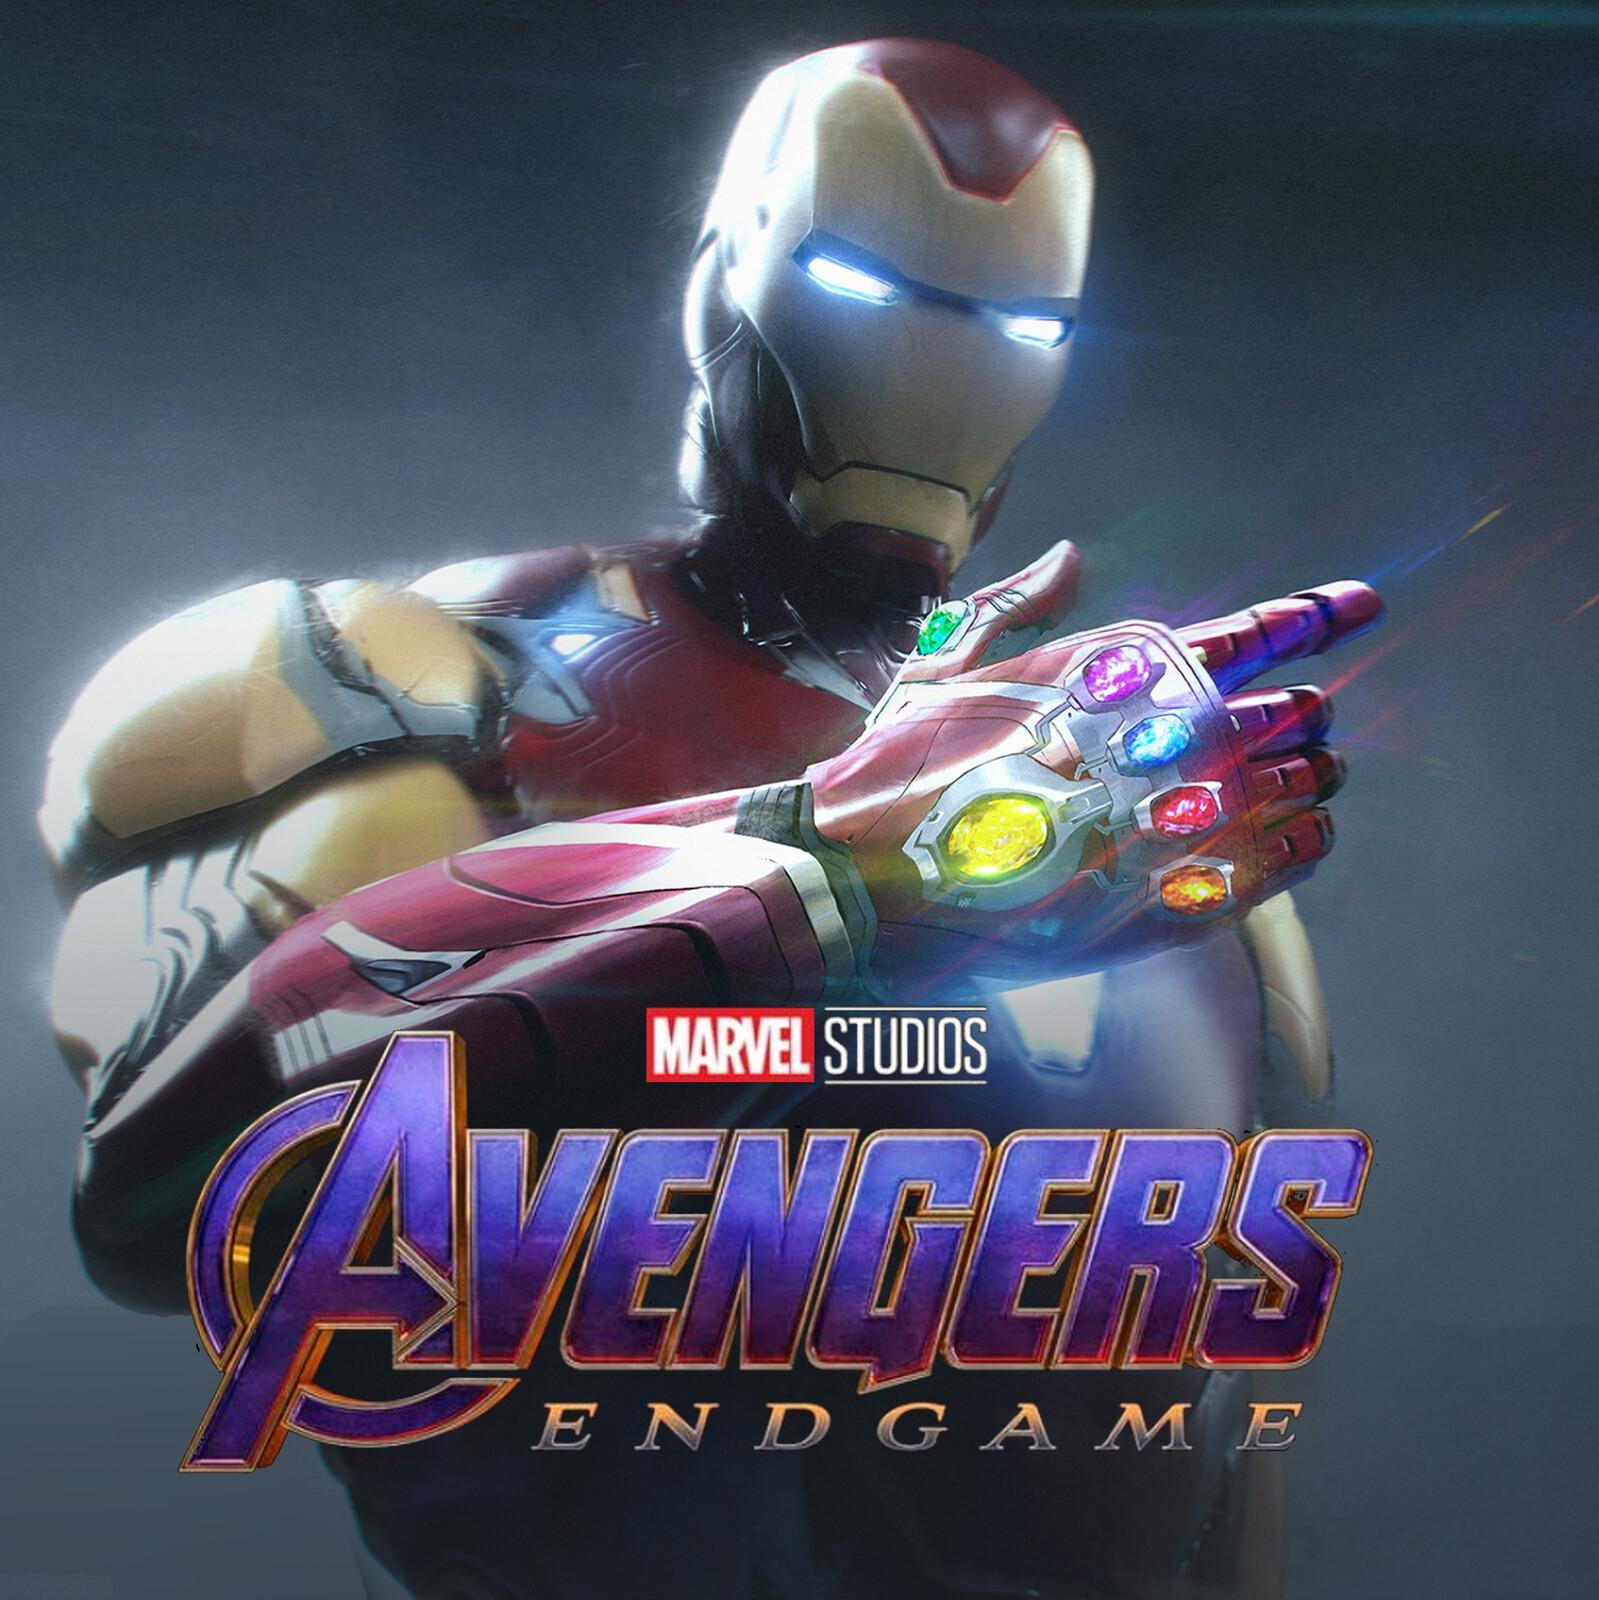 Avengers: Endgame VFX IronStark Gauntlet